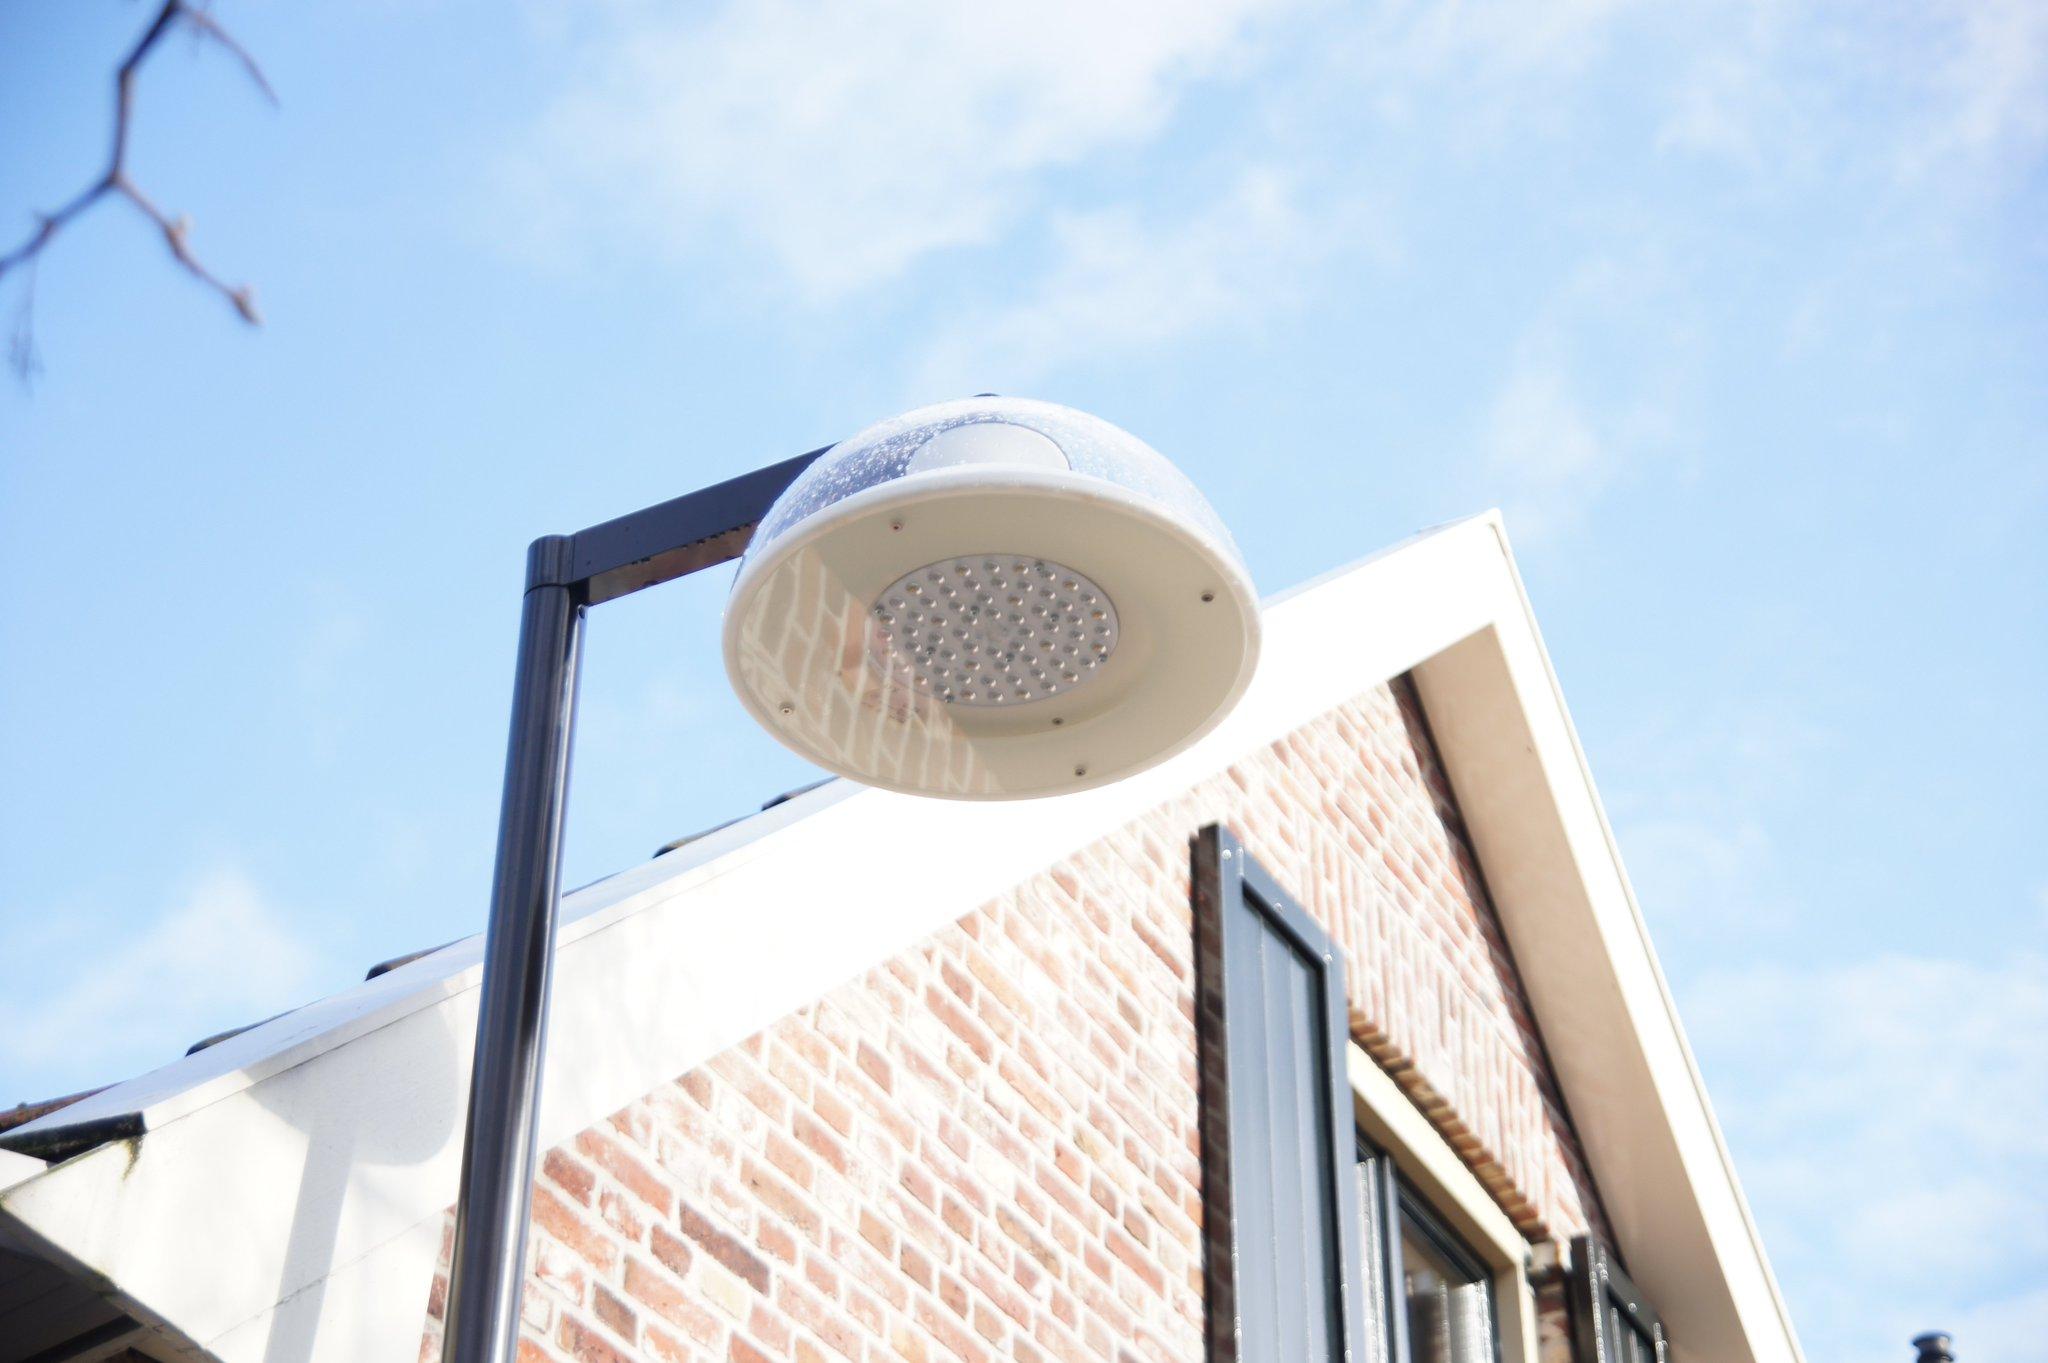 Alweer een primeur: dit keer de nieuwe UrbanMoon LED armaturen van @PhilipsLightNL gezien in @Gemeente_Almelo Mooi! https://t.co/NqCnMHmeM6